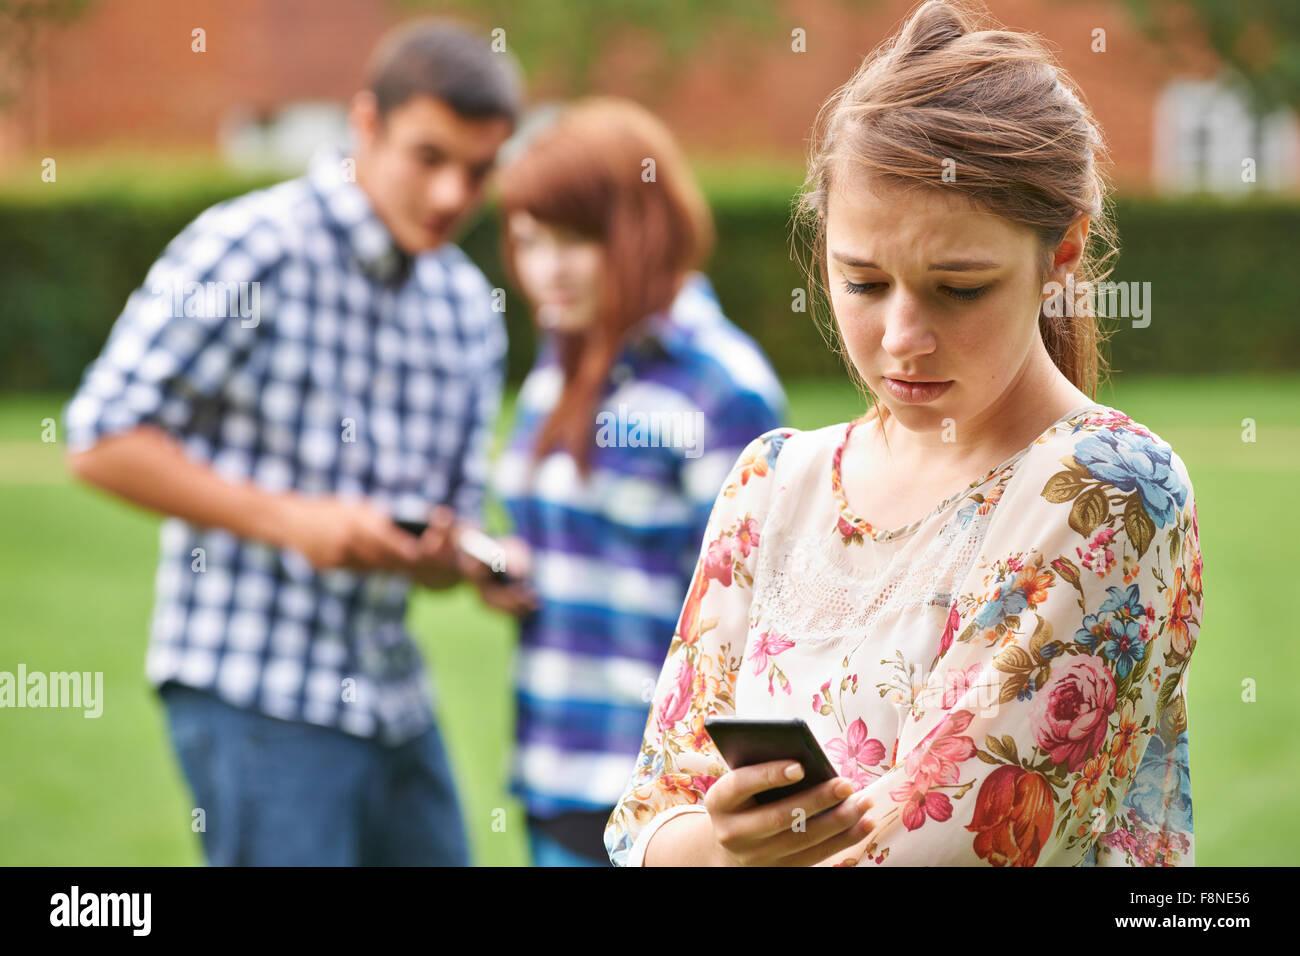 Ragazza adolescente vittima di bullismo mediante messaggio di testo Immagini Stock